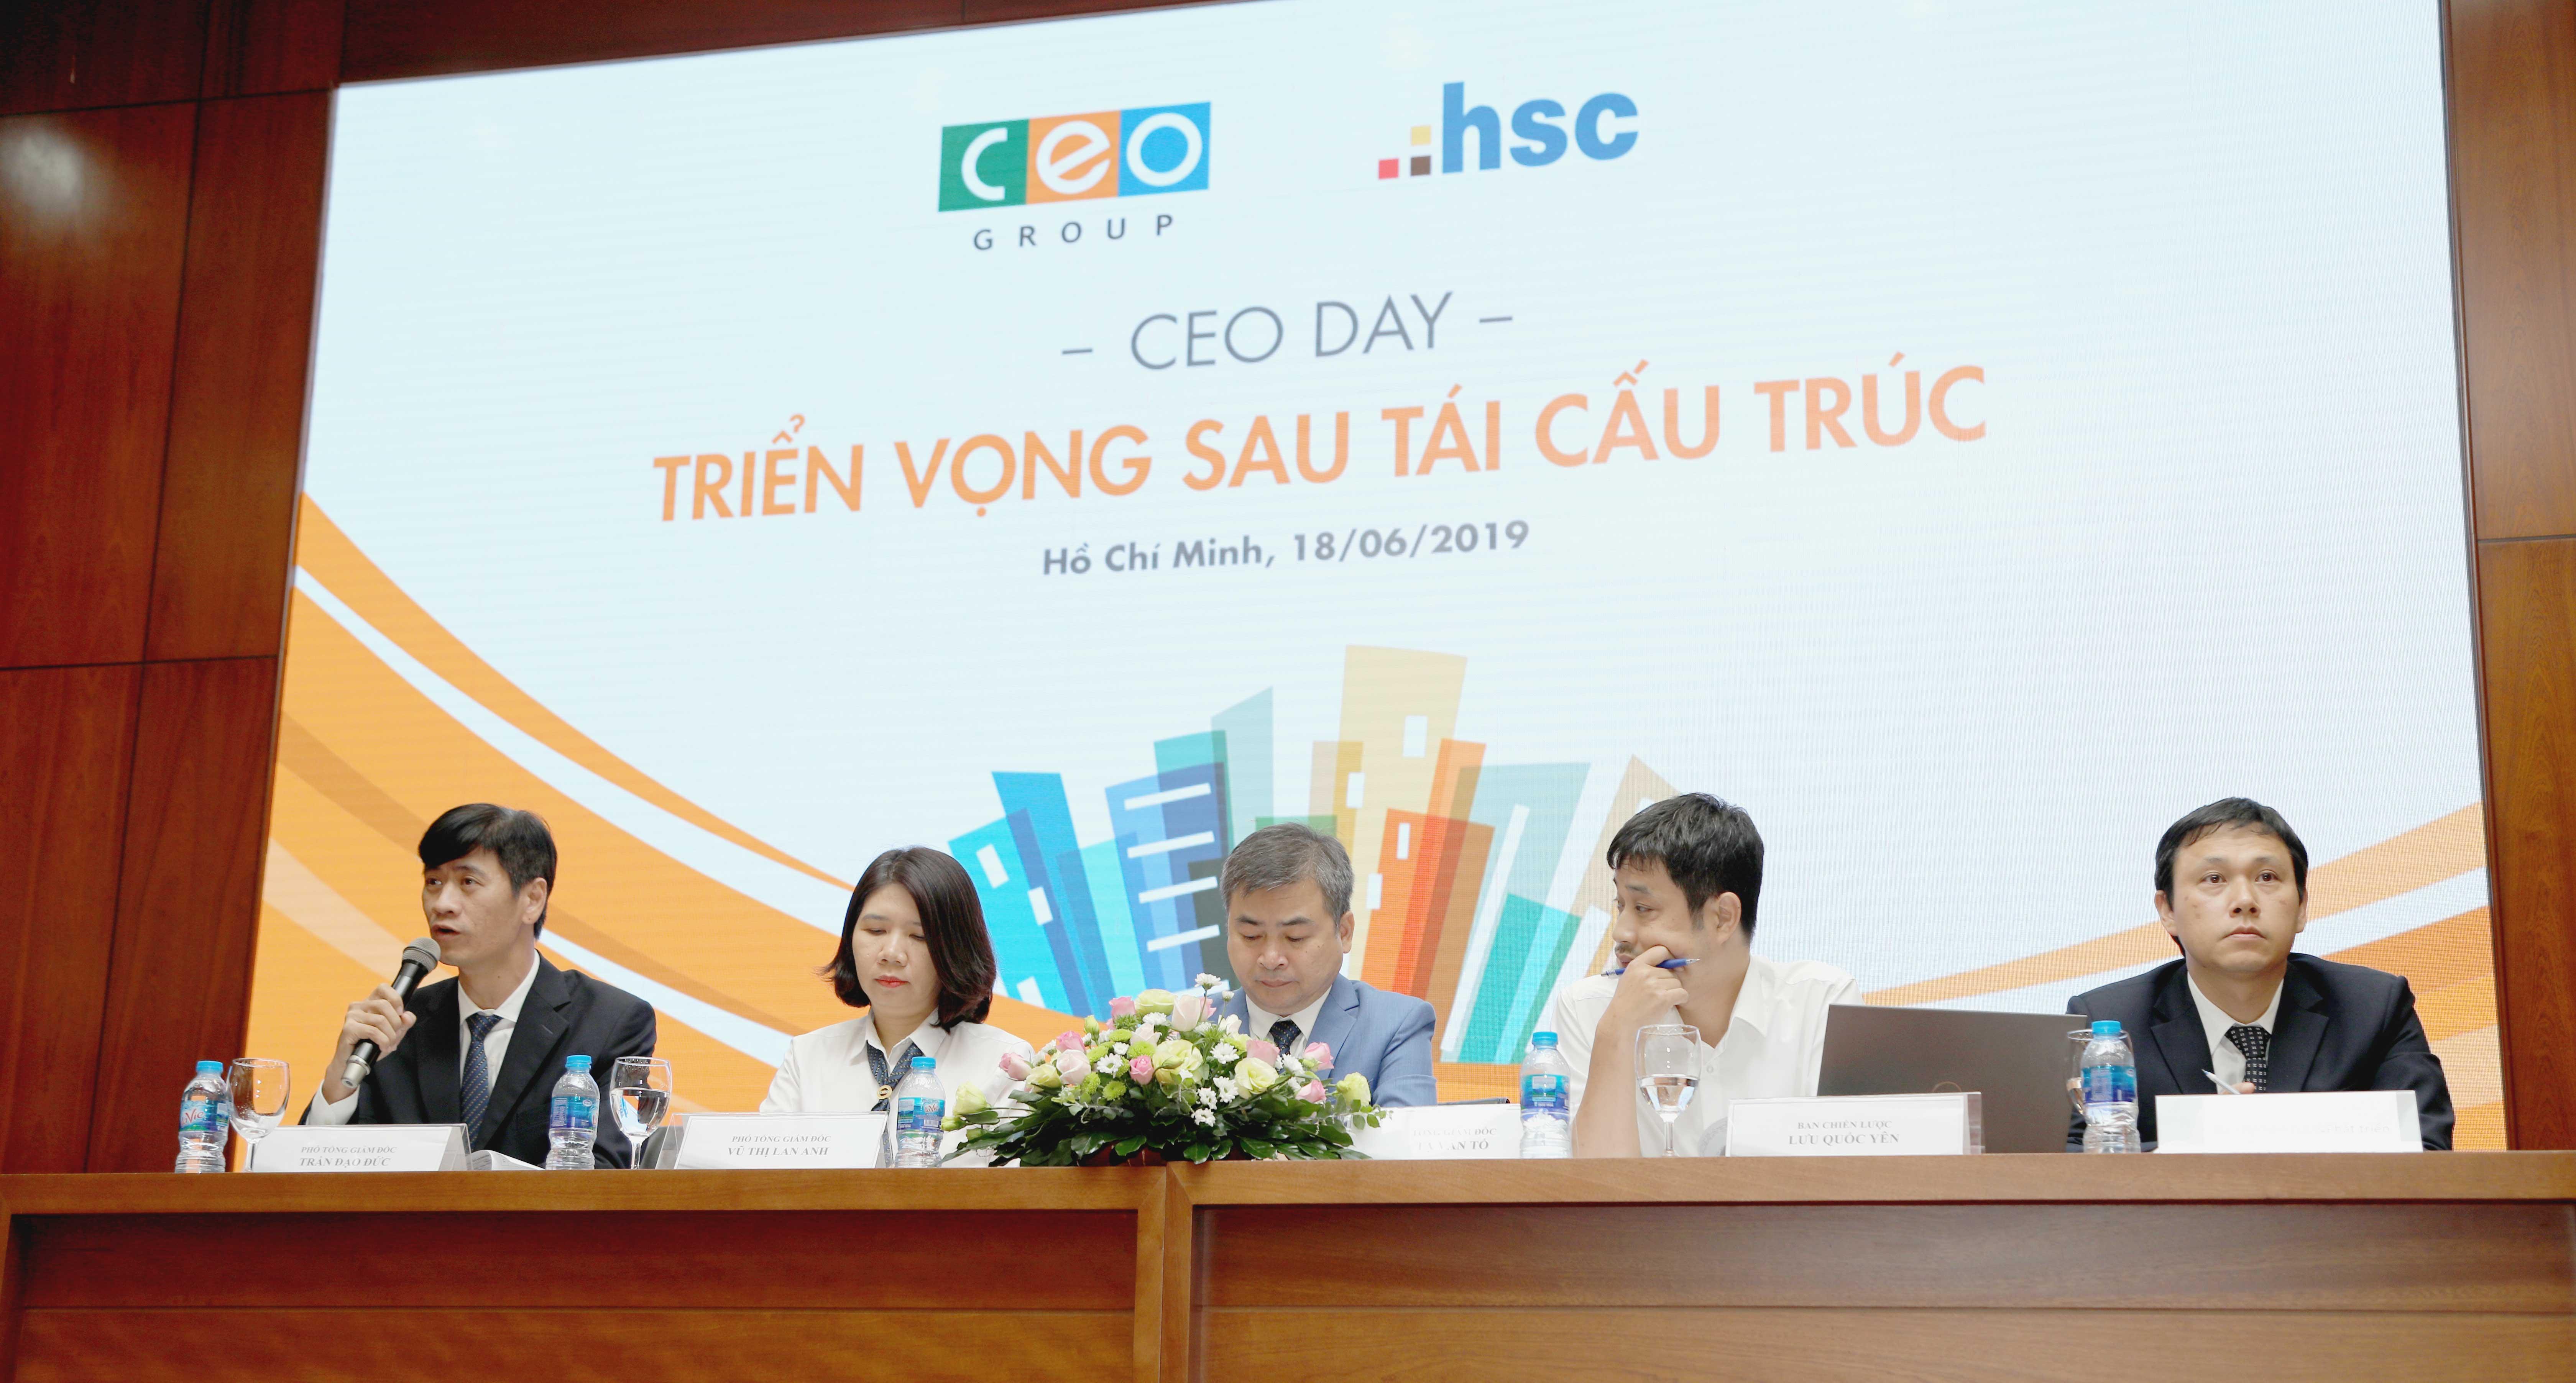 Tái cấu trúc – Tập đoàn CEO bứt tốc hoàn thành mục tiêu năm 2021 - Tập đoàn CEO